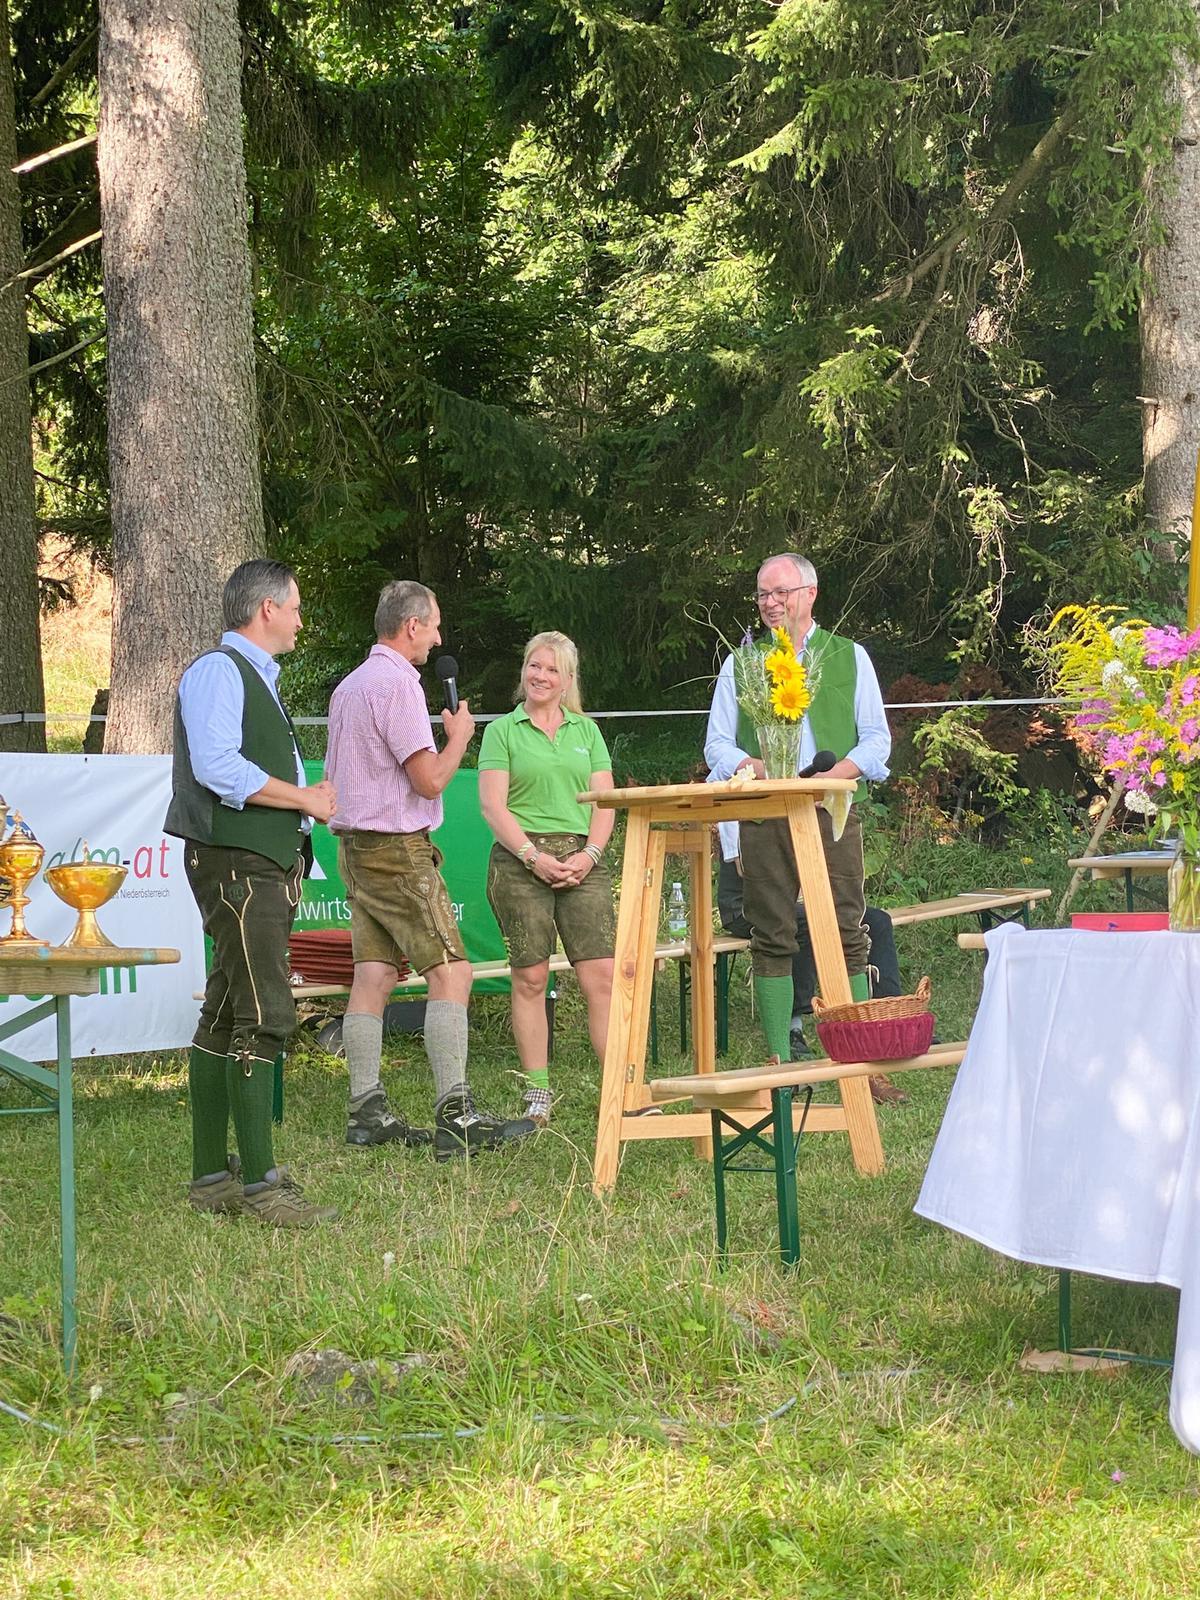 v.l.n.r. Stefan Schmuckenschlager, Josef Mayerhofer, Irene Neumann-Hartberger, Stephan Pernkopf